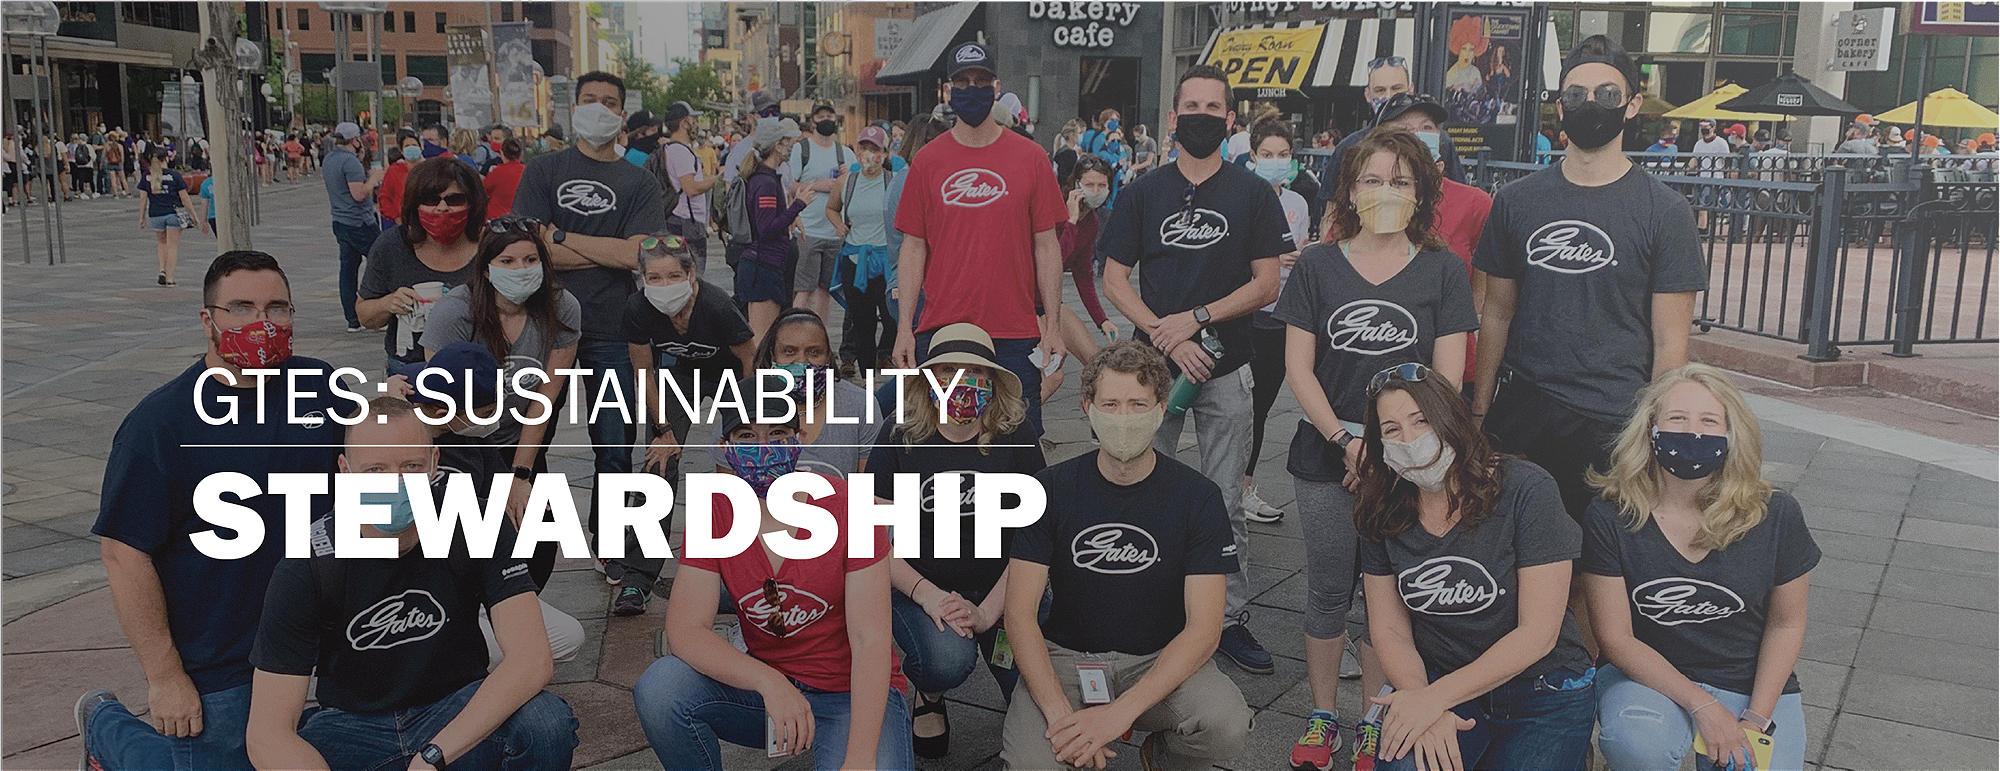 sustainability-stewardship